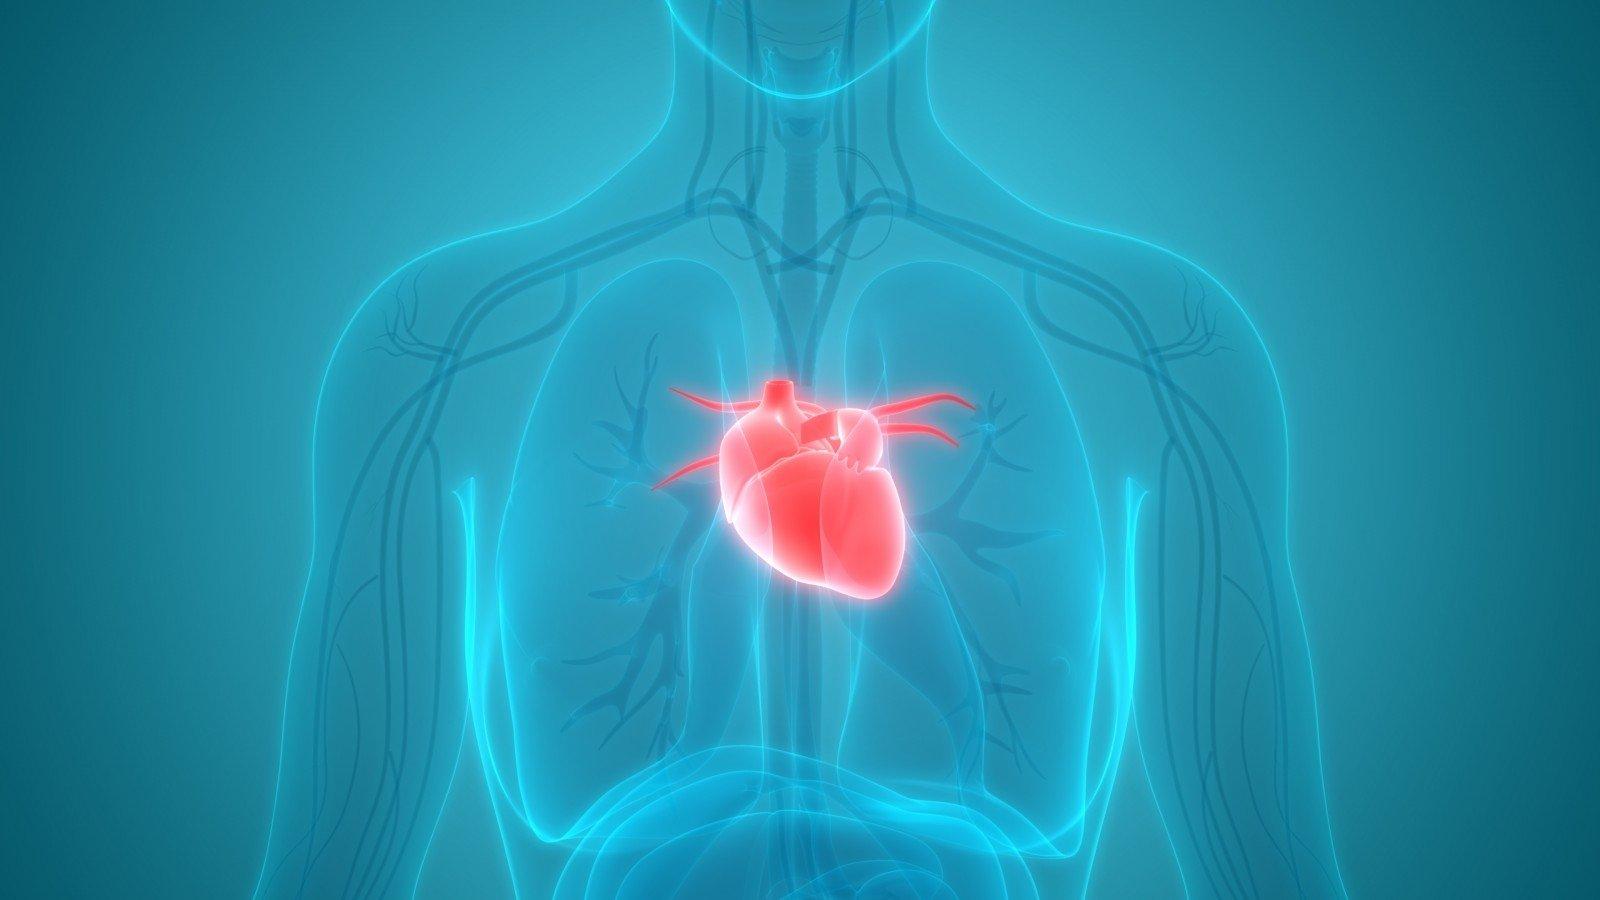 asd 2 vartojimas hipertenzijai gydyti hipertenzijai gydyti, tradicinės medicinos receptai